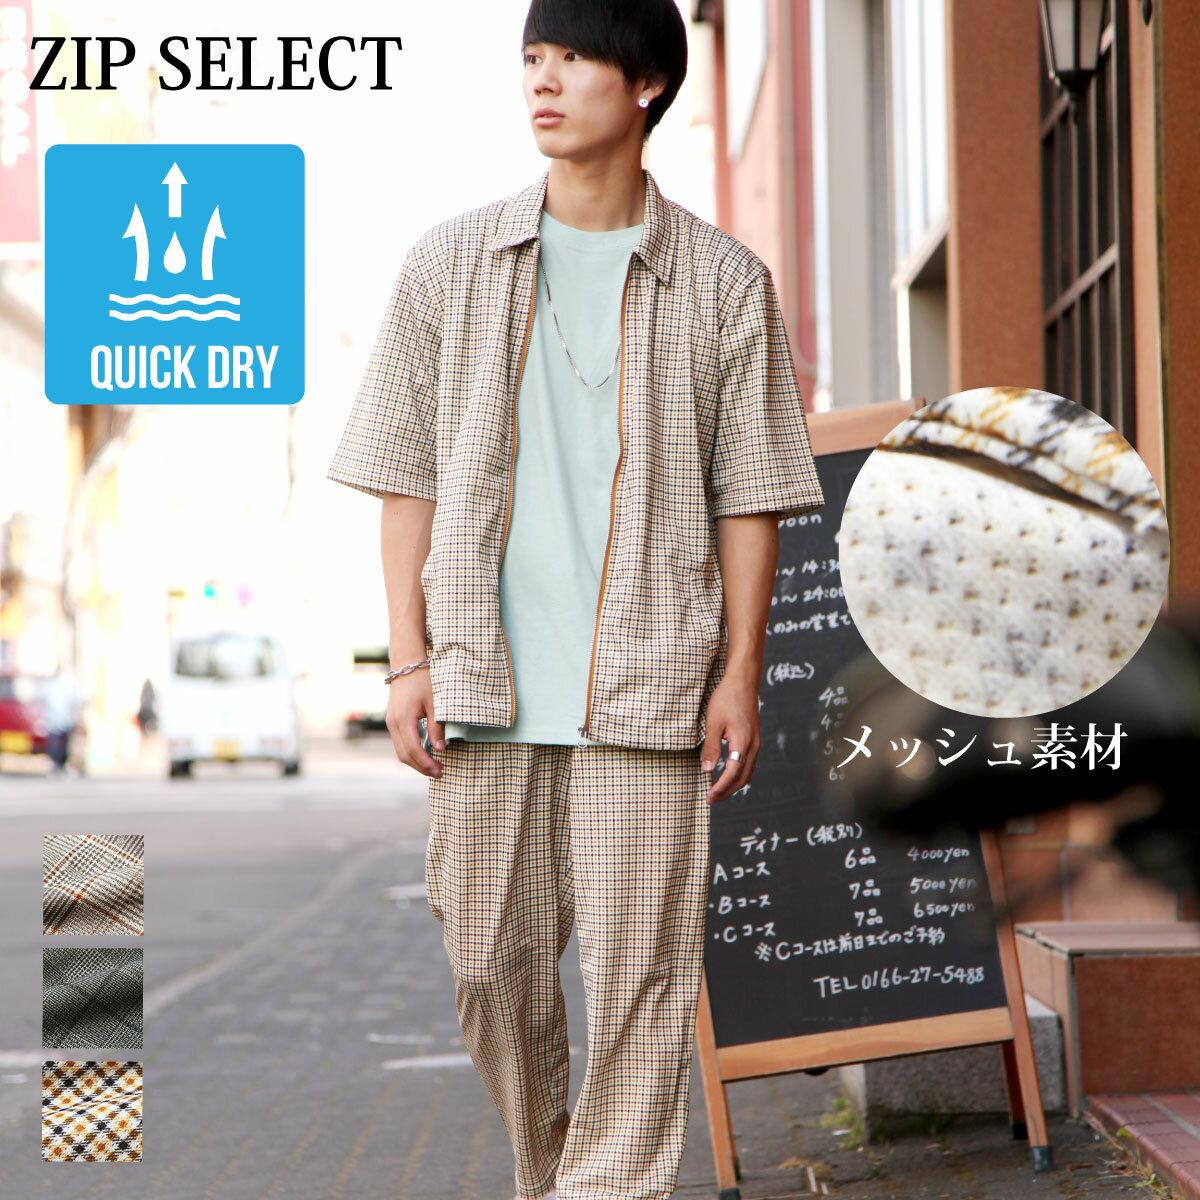 【領券再九折】【ZIP Select】網眼短袖拉鍊上衣&九分褲套裝 套裝 男 0